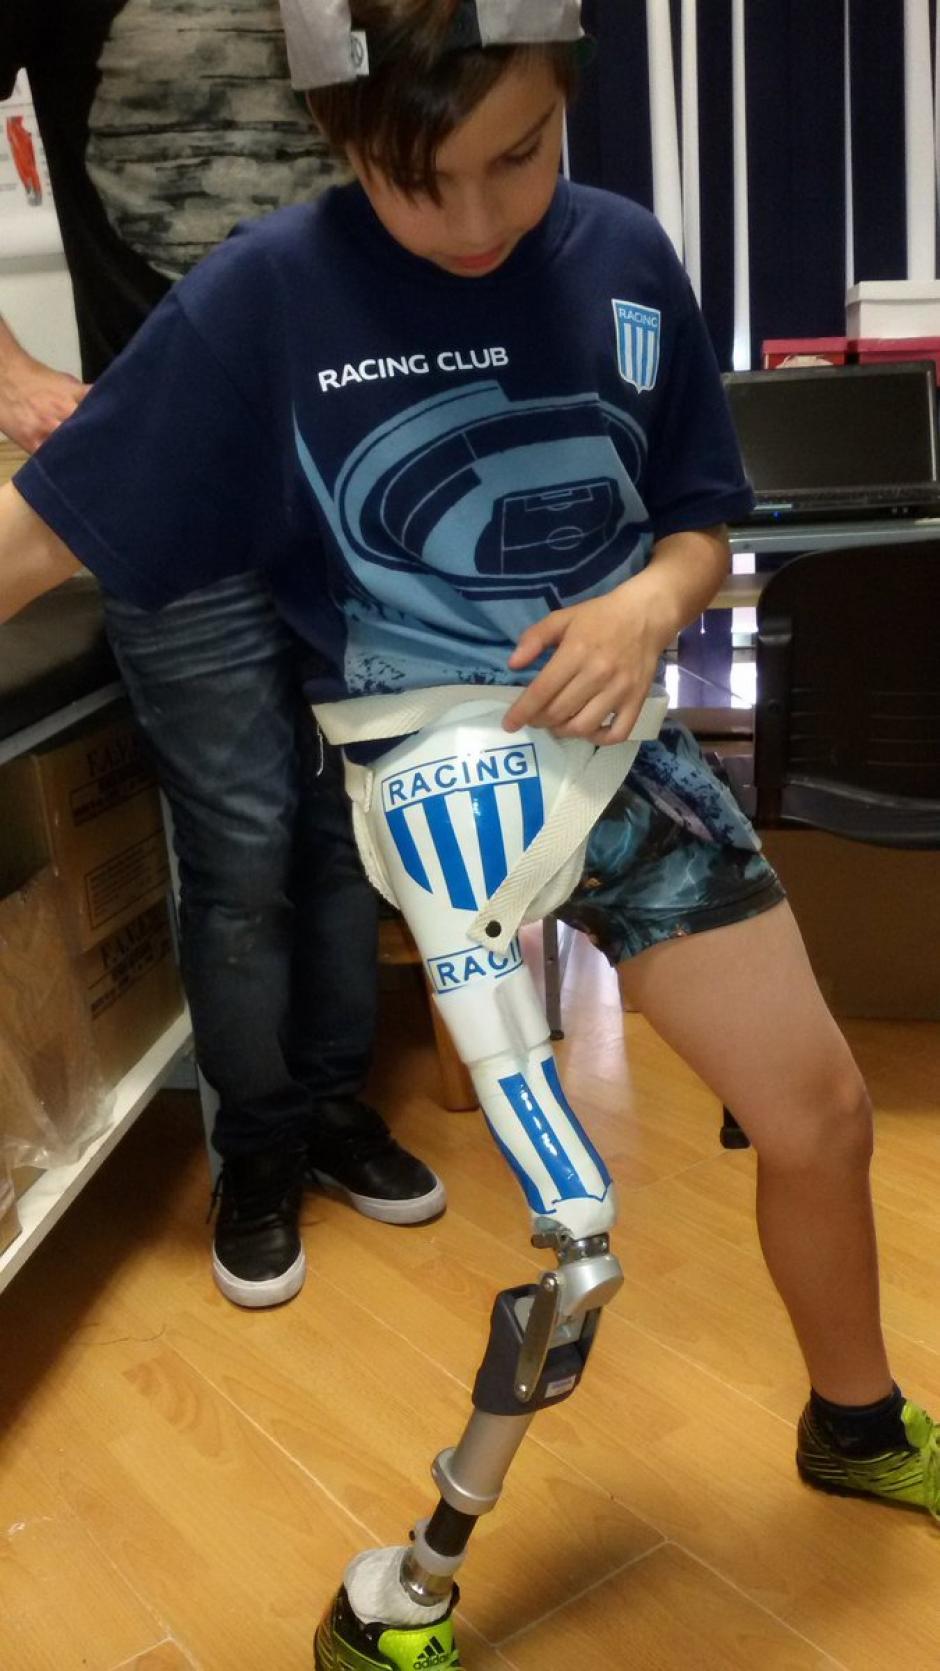 Santiago lleva en su prótesis los colores de Rácing Club. (Foto: Twitter)